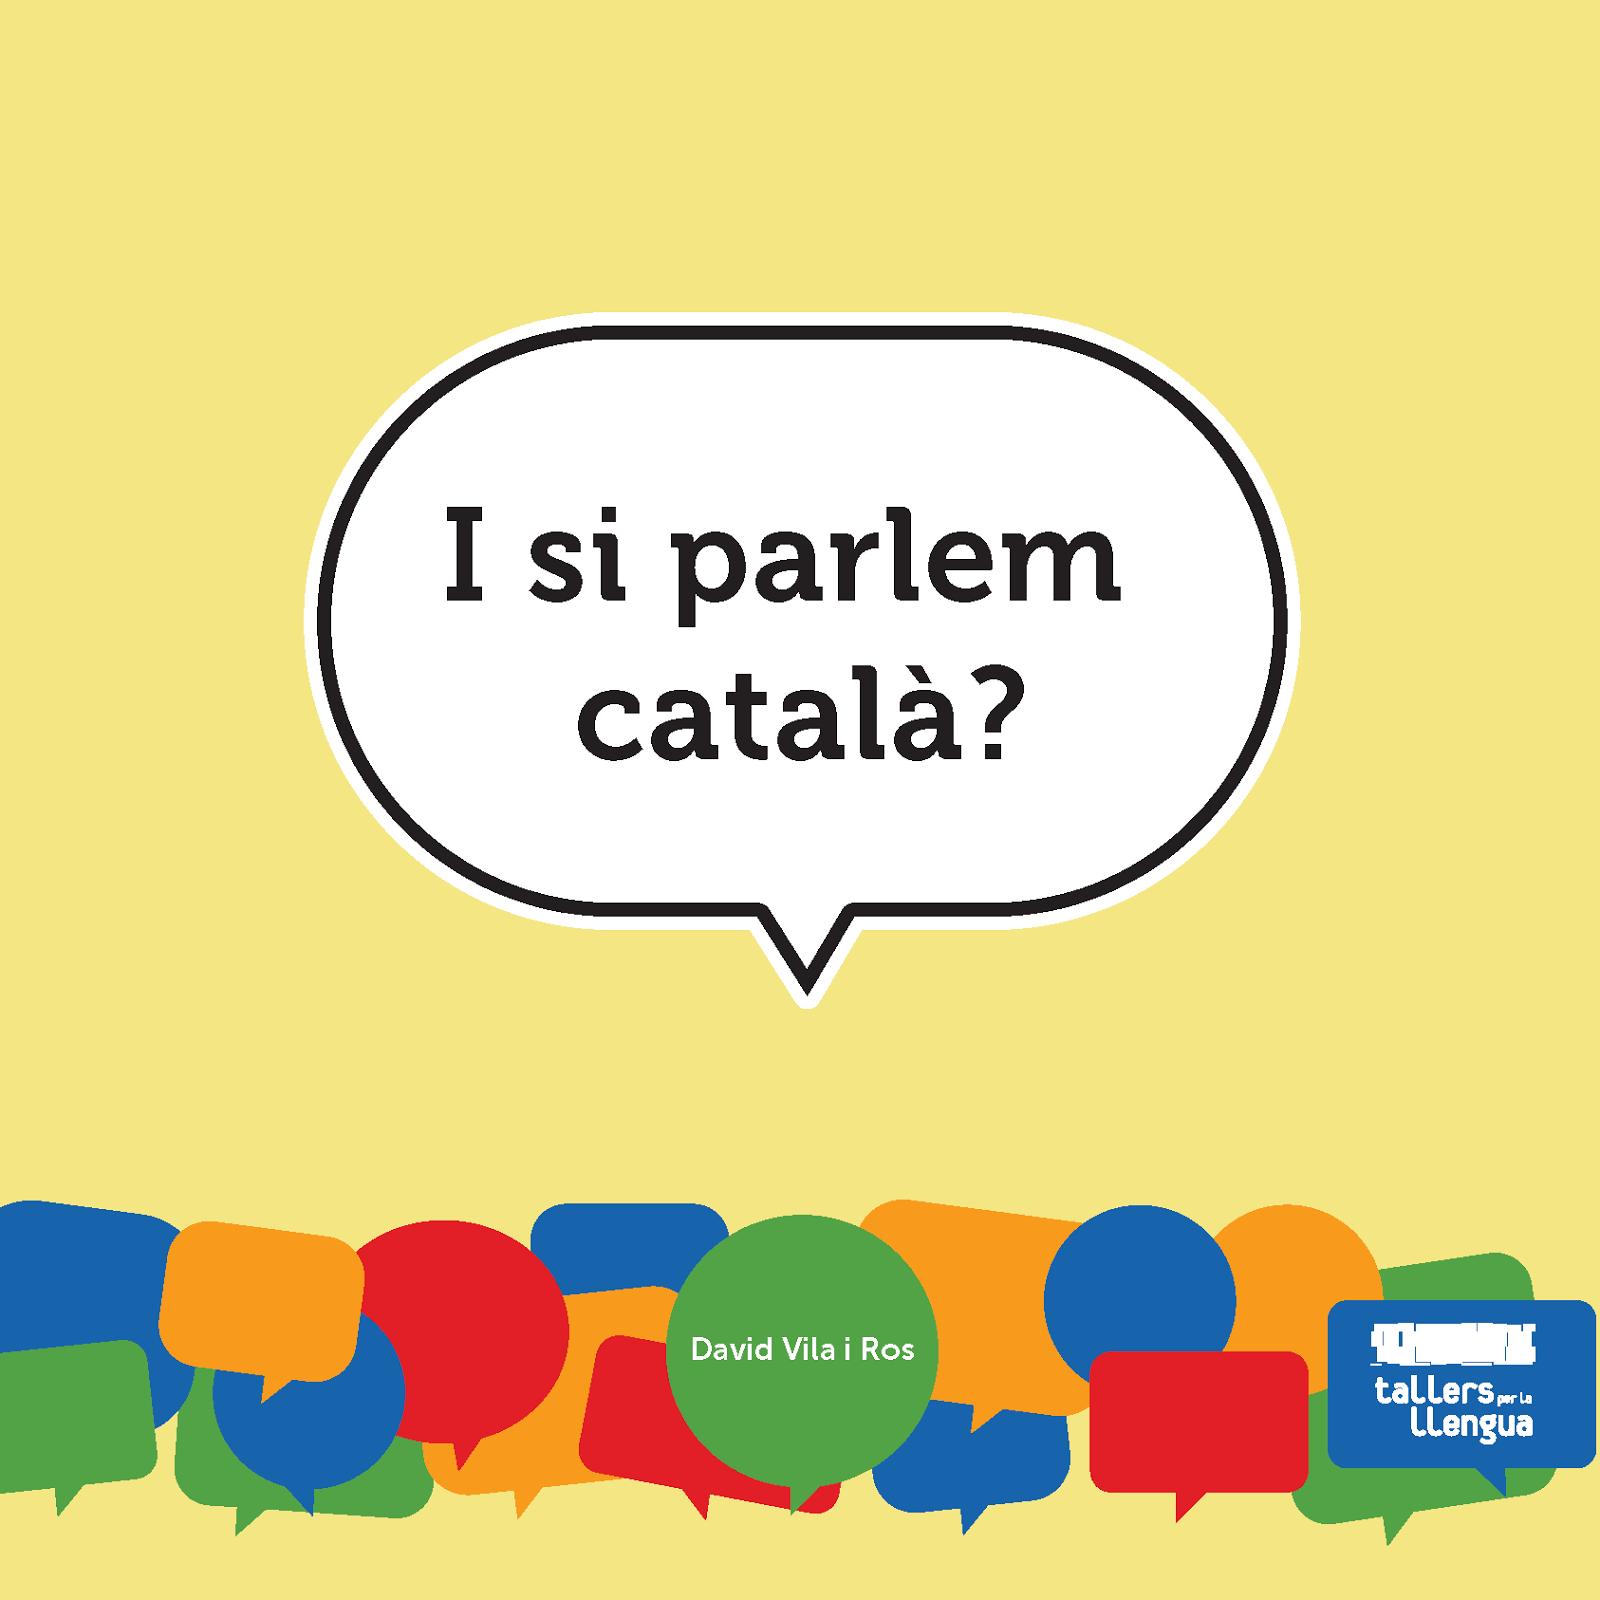 Presentació 'I si parlem català?' a Terrassa, dijous 9 a 2/4 de 8 al Vapor Universitari